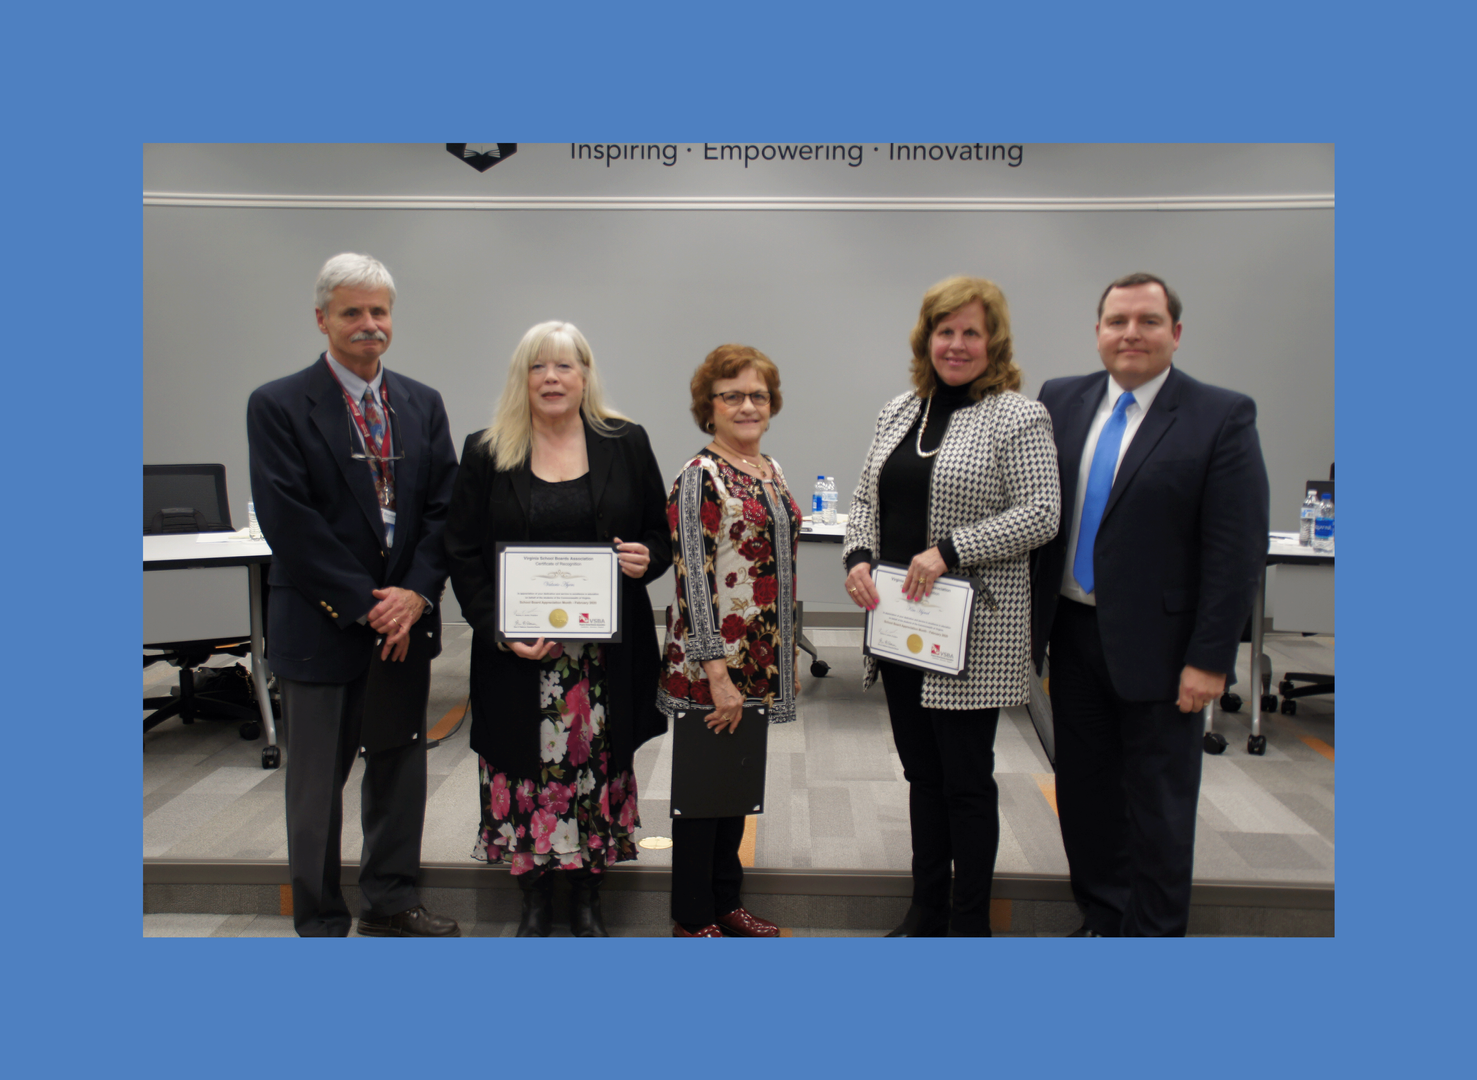 PCPS 2020 School Board receives appreciation certificates